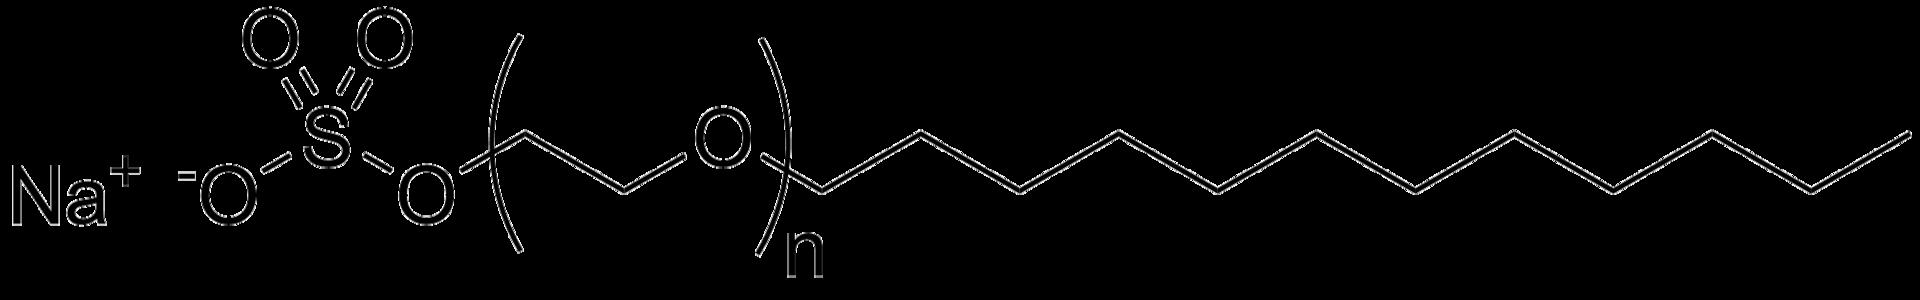 Sodium laureth sulfate structure.png